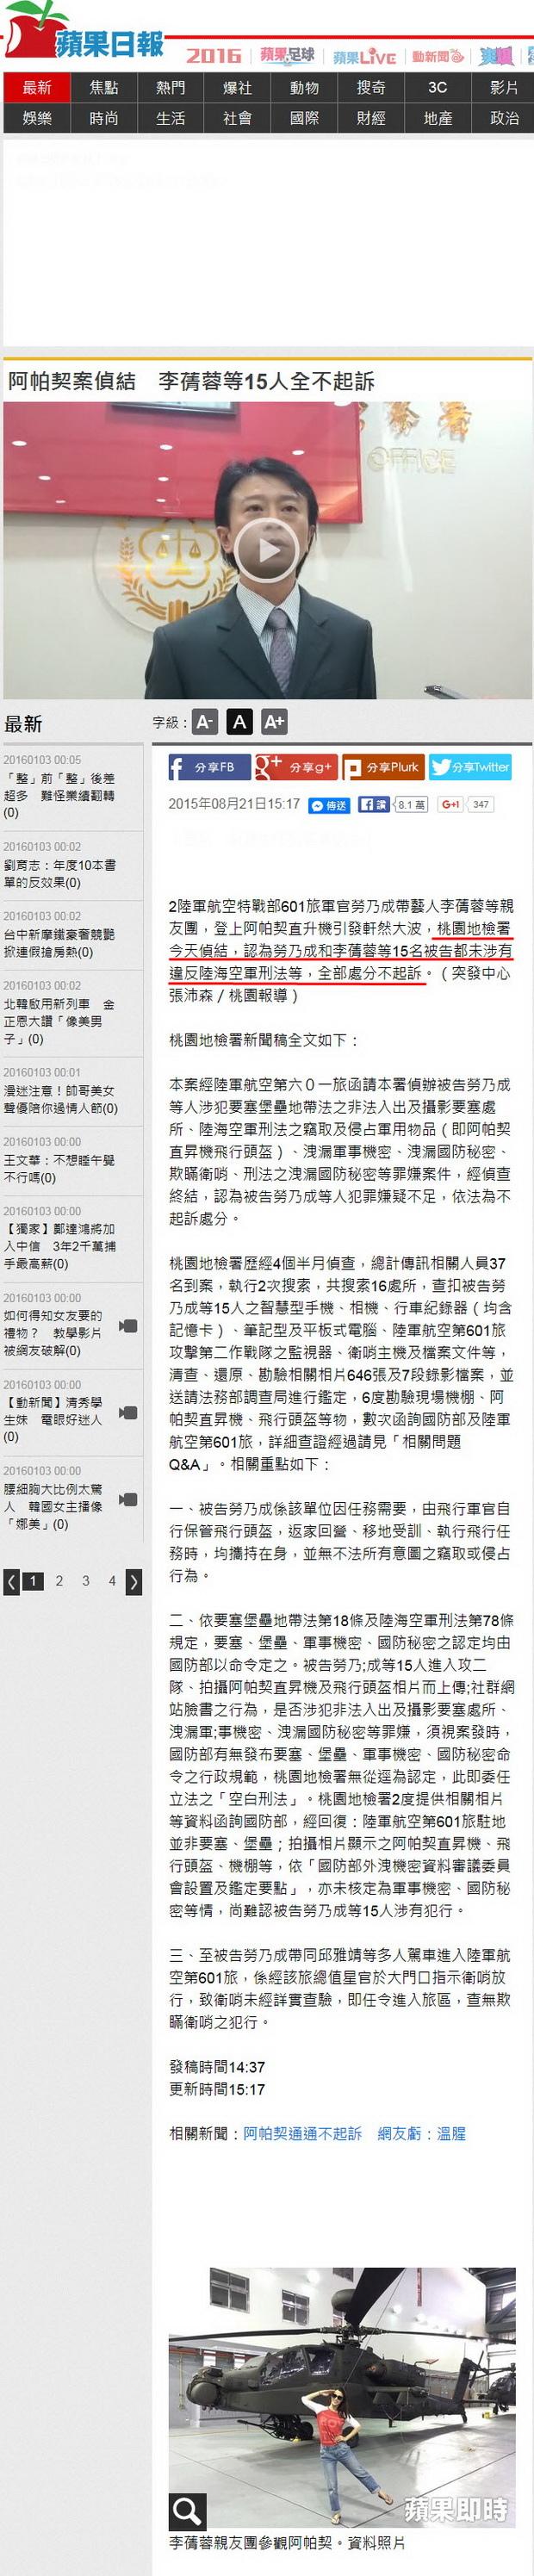 阿帕契案偵結 李蒨蓉等15人全不起訴  -2015.08.21.jpg